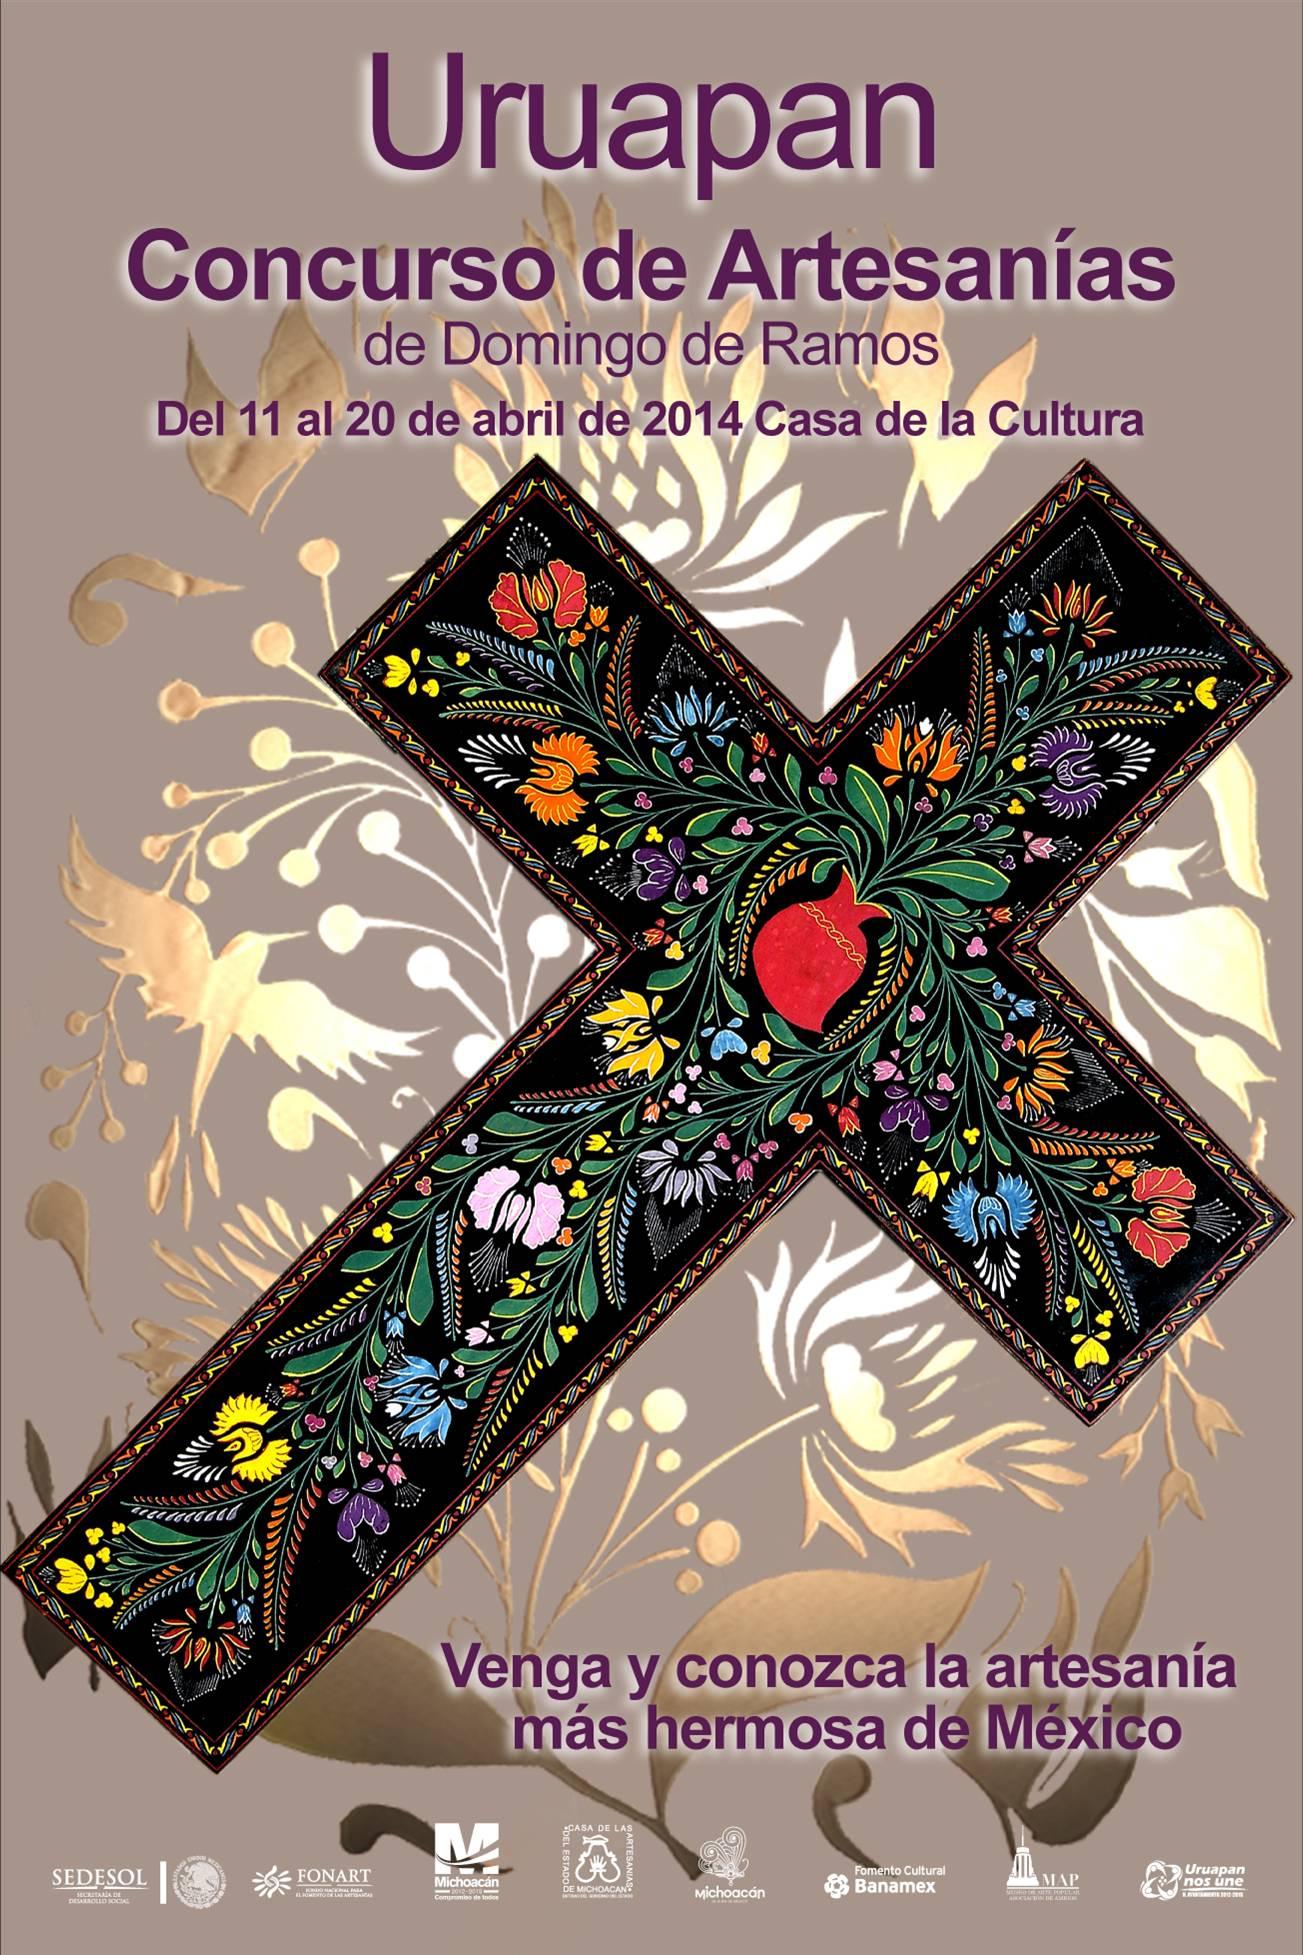 Concurso Estatal de Artesanías de Domingo de Ramos